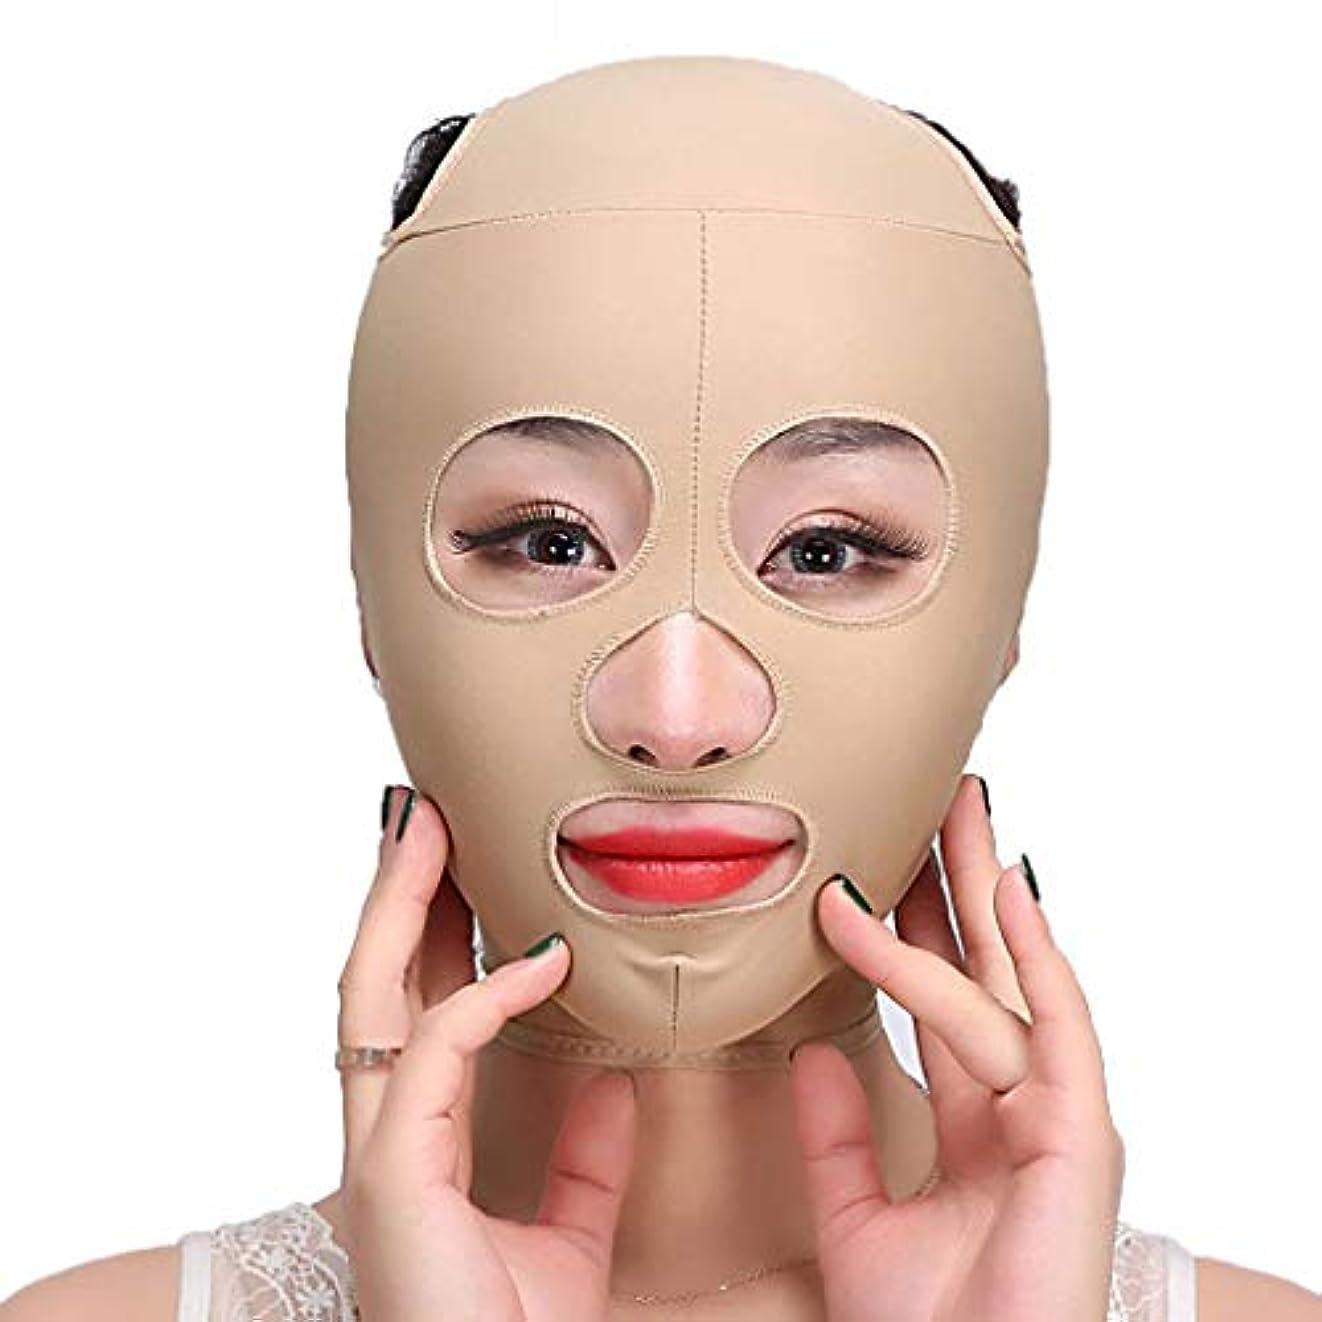 締める閃光無法者LJK 痩身ベルト、フェイスマスク薄いフェイス楽器リフティング引き締めVフェイス男性と女性フェイスリフティングステッカーダブルチンフェイスリフティングフェイスマスク包帯フェイシャルマッサージ (Size : L)